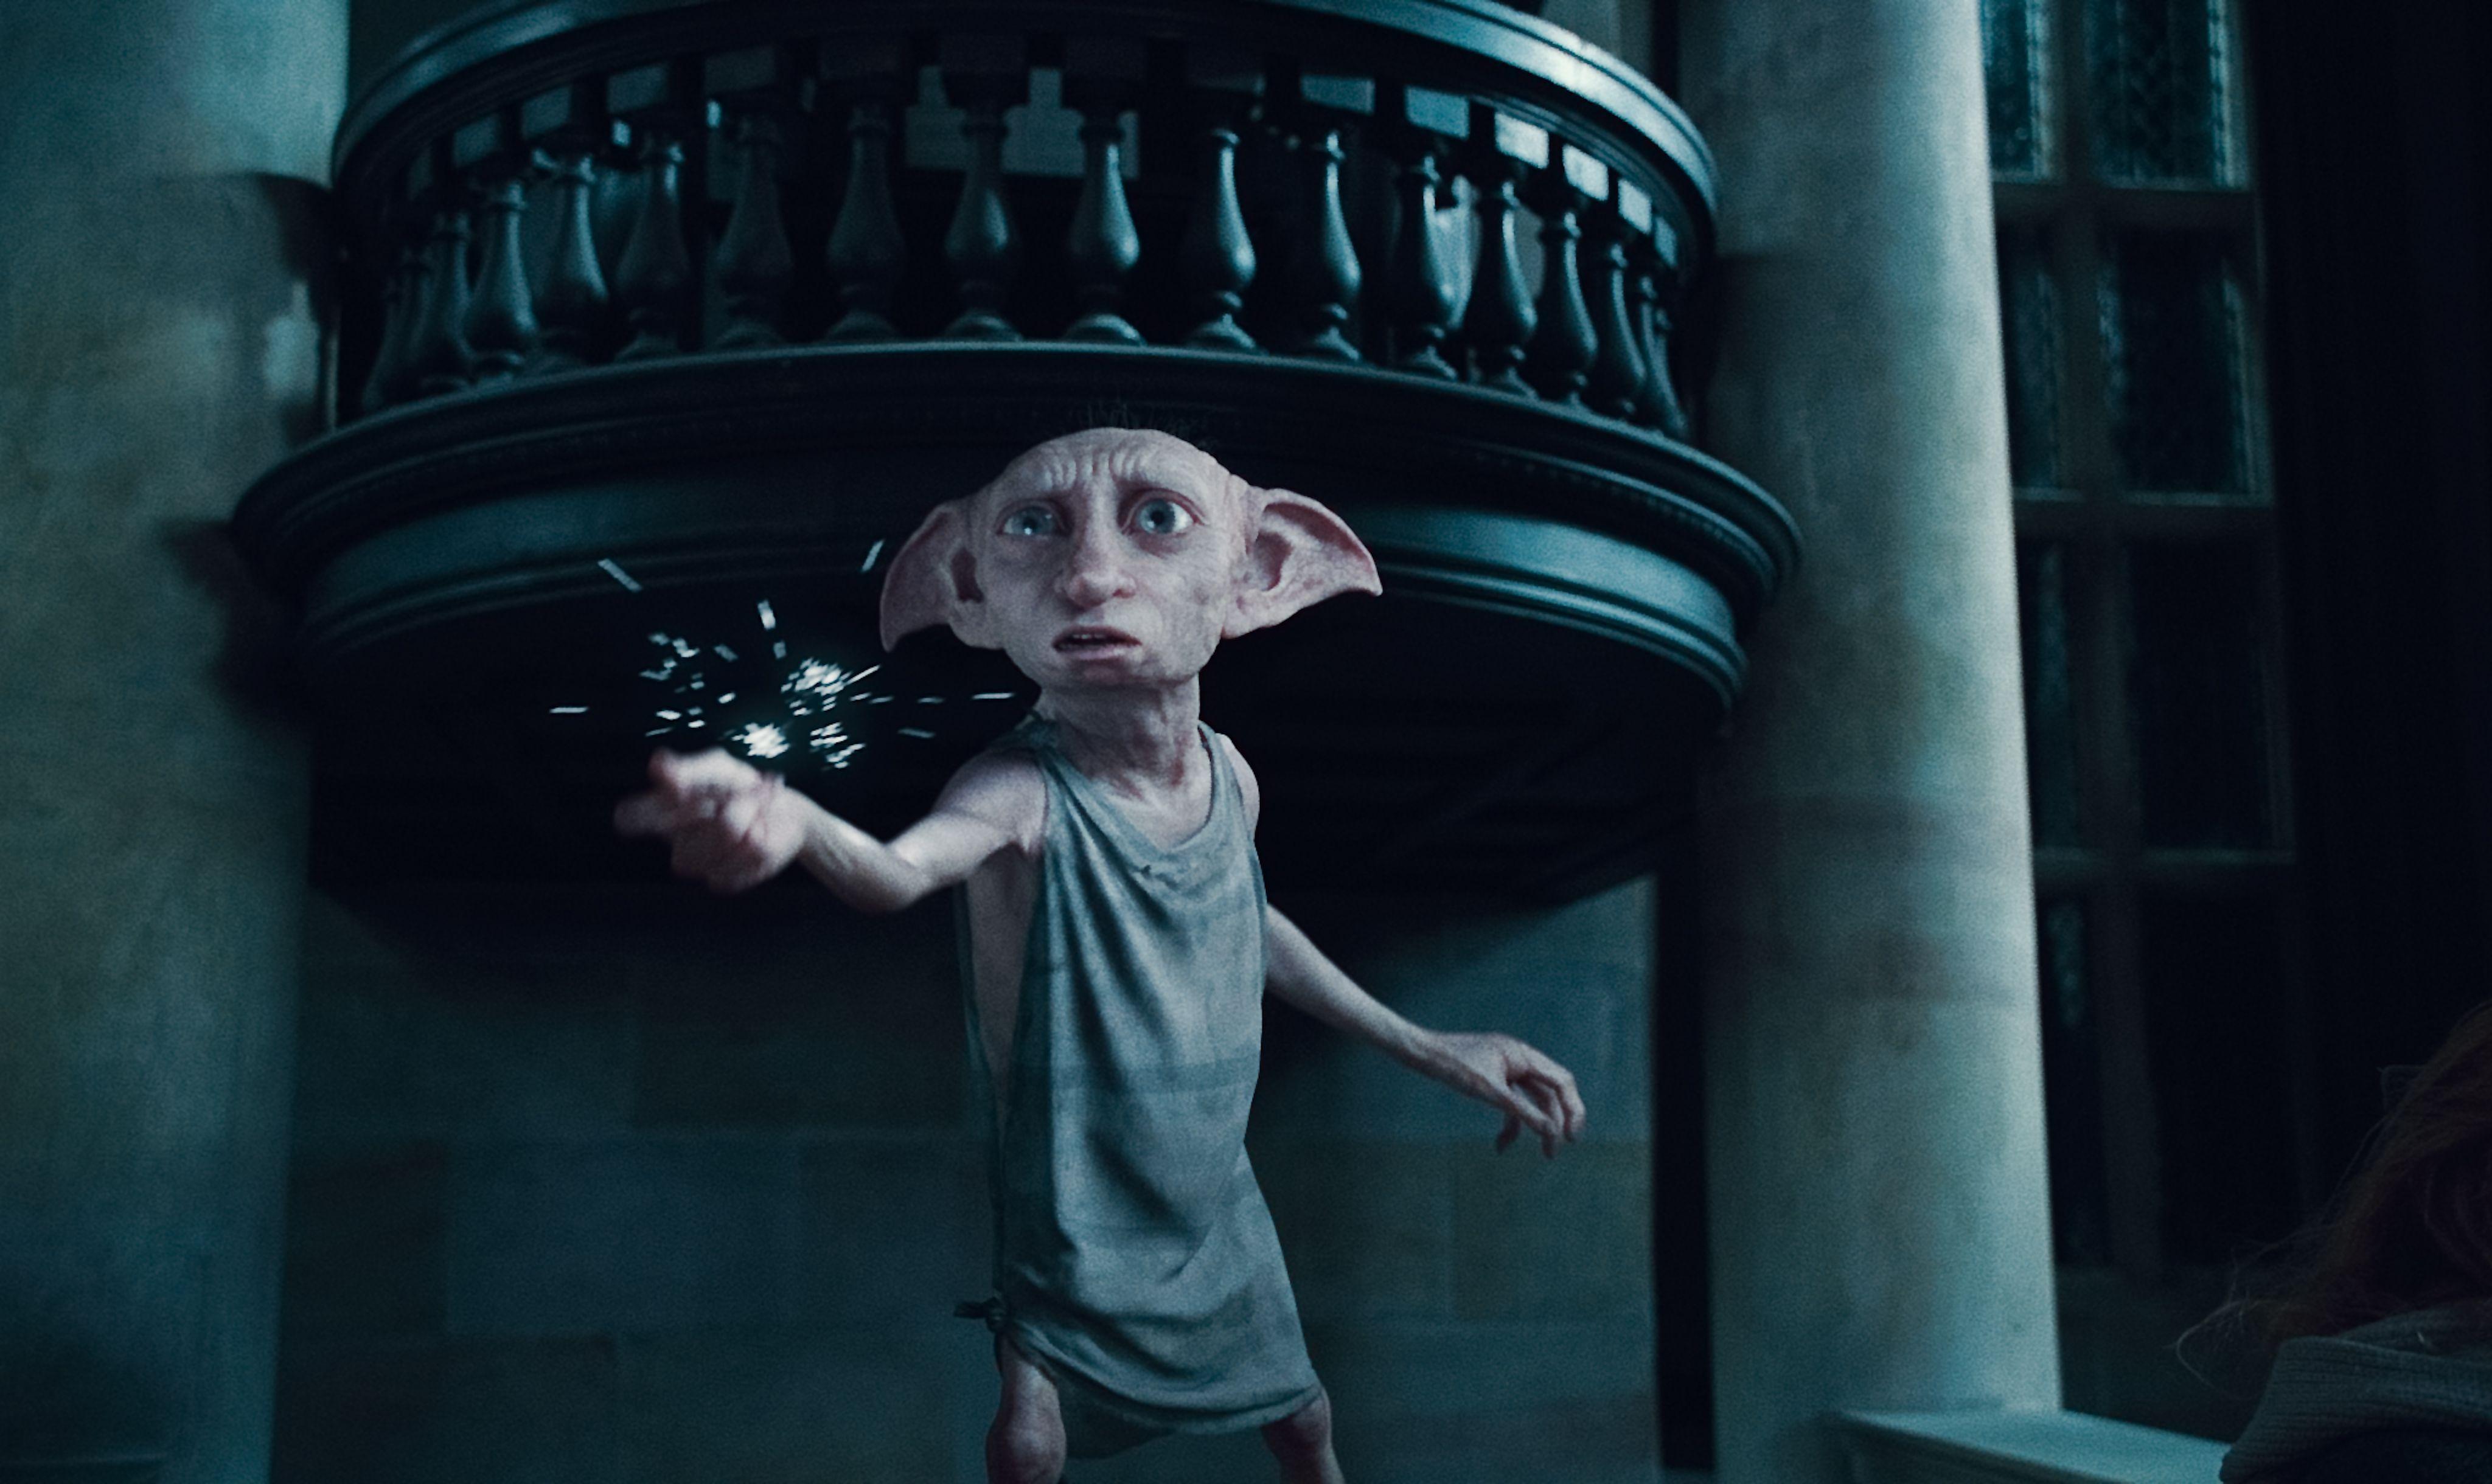 кадры из фильма Гарри Поттер и Дары Смерти: Часть первая Тоби Джонс,